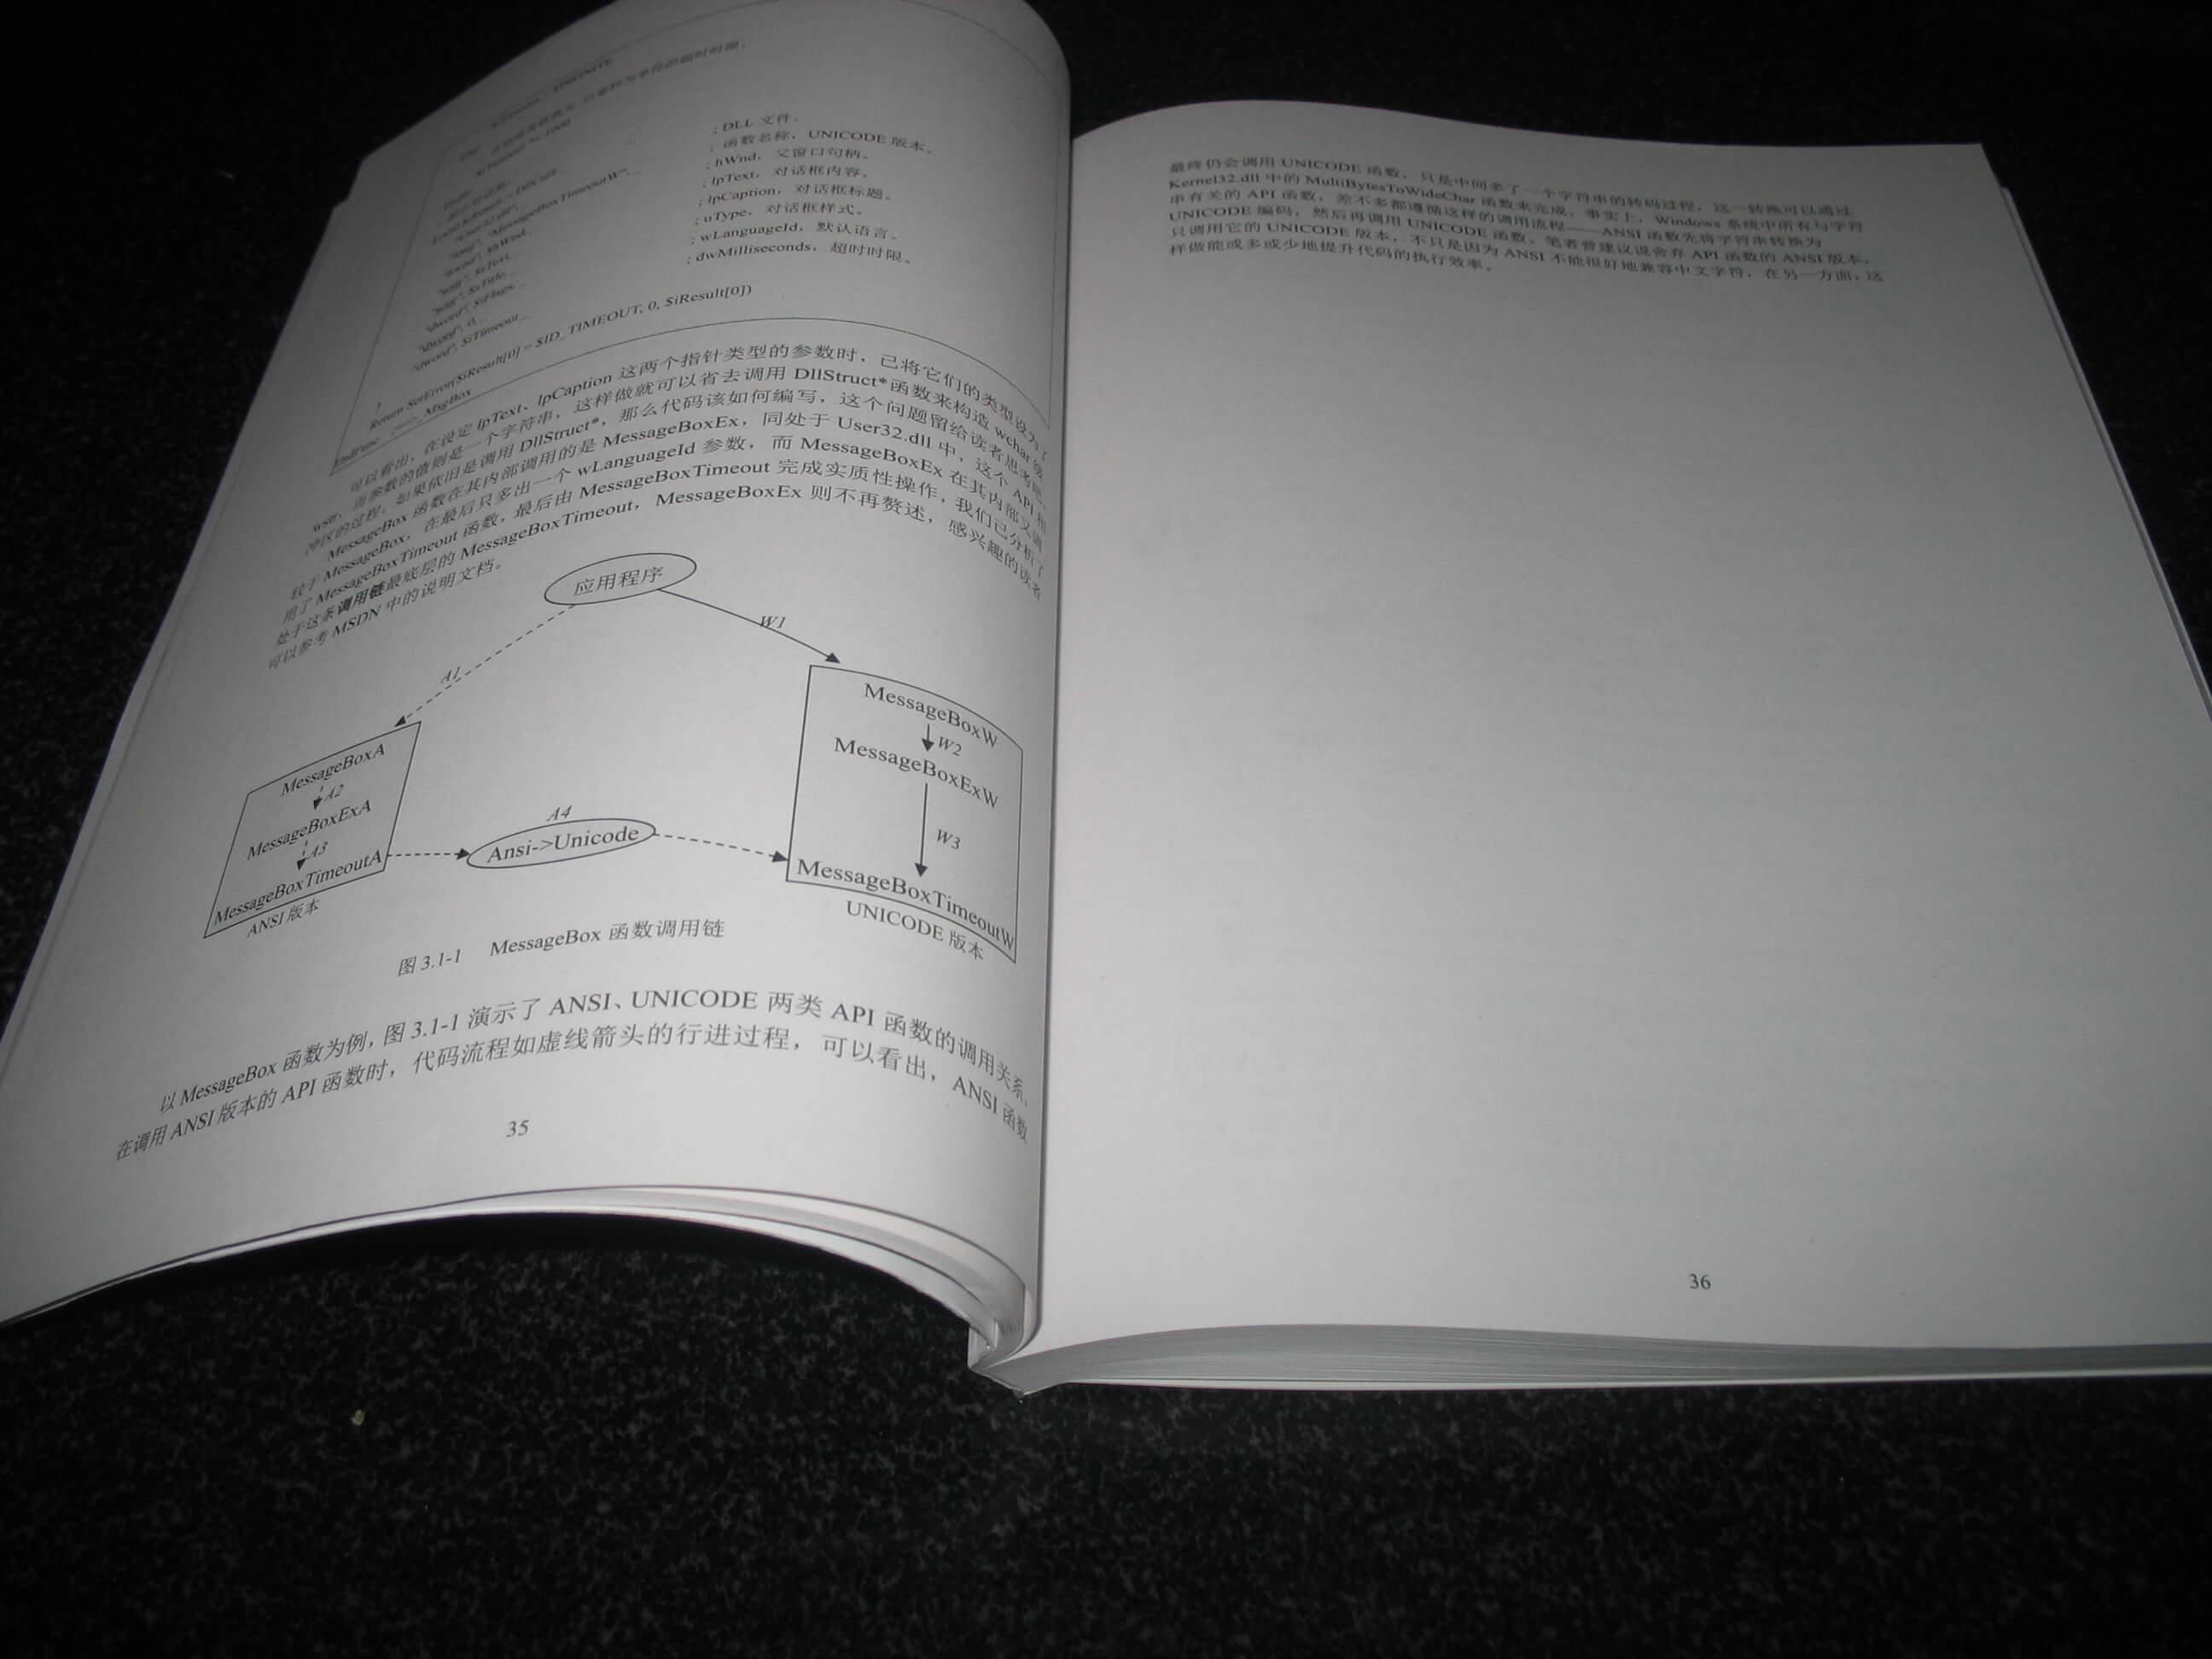 ACN_book_1-6